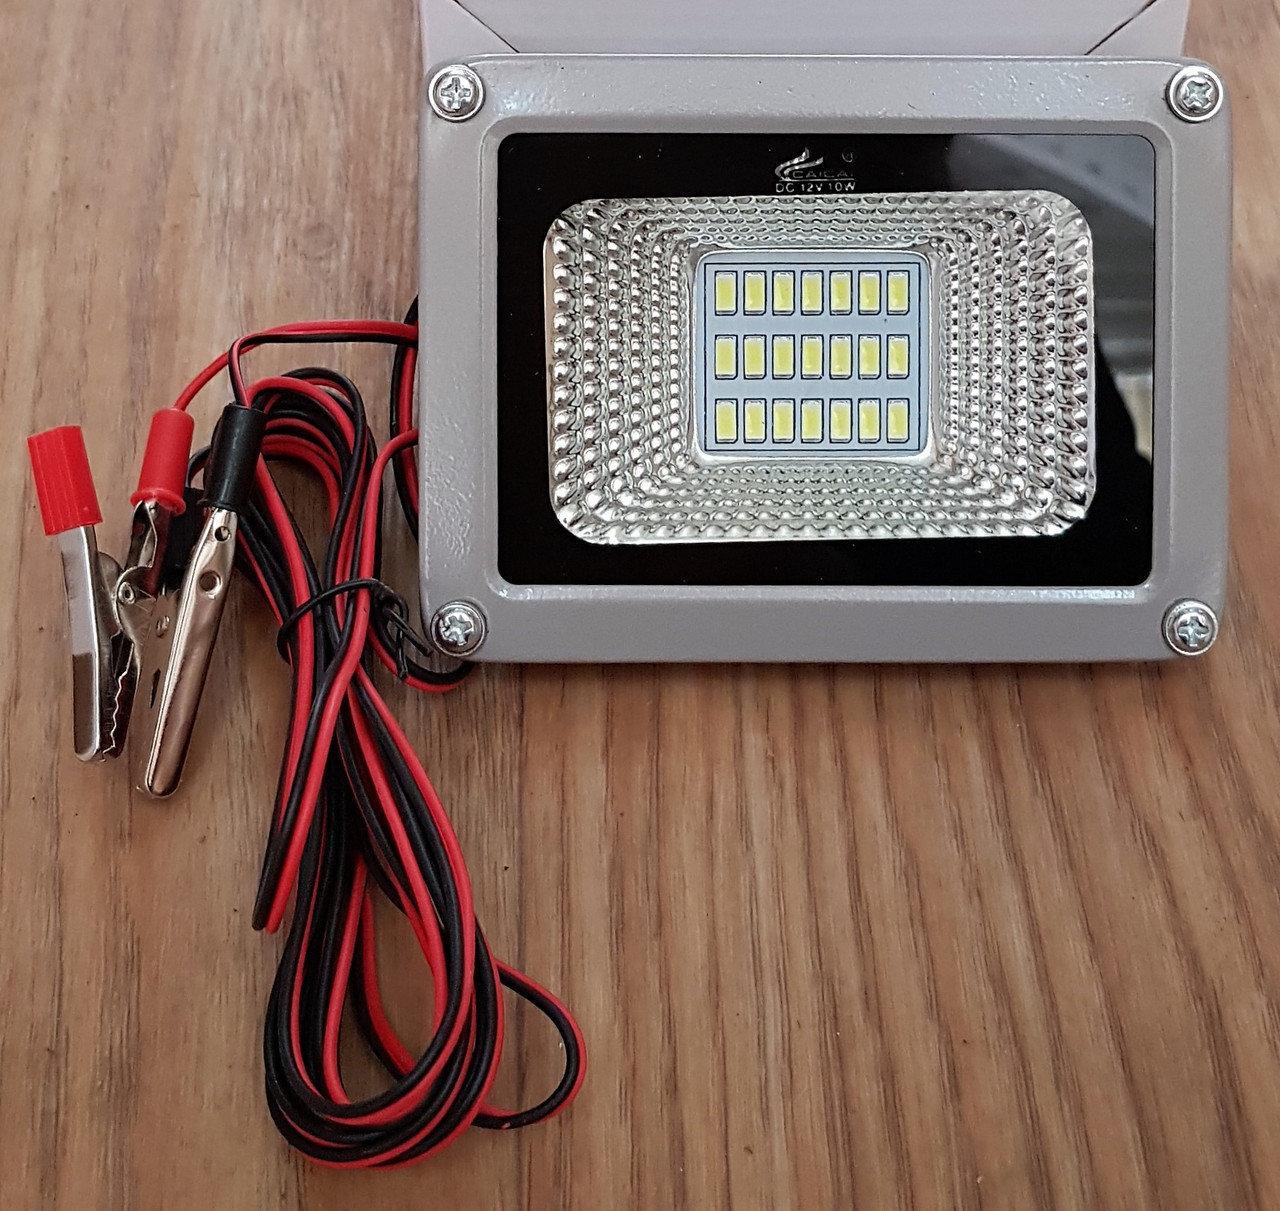 Переносной светодиодный прожектор 12v 10w LED 10w 12v (на зажимах крокодилах)